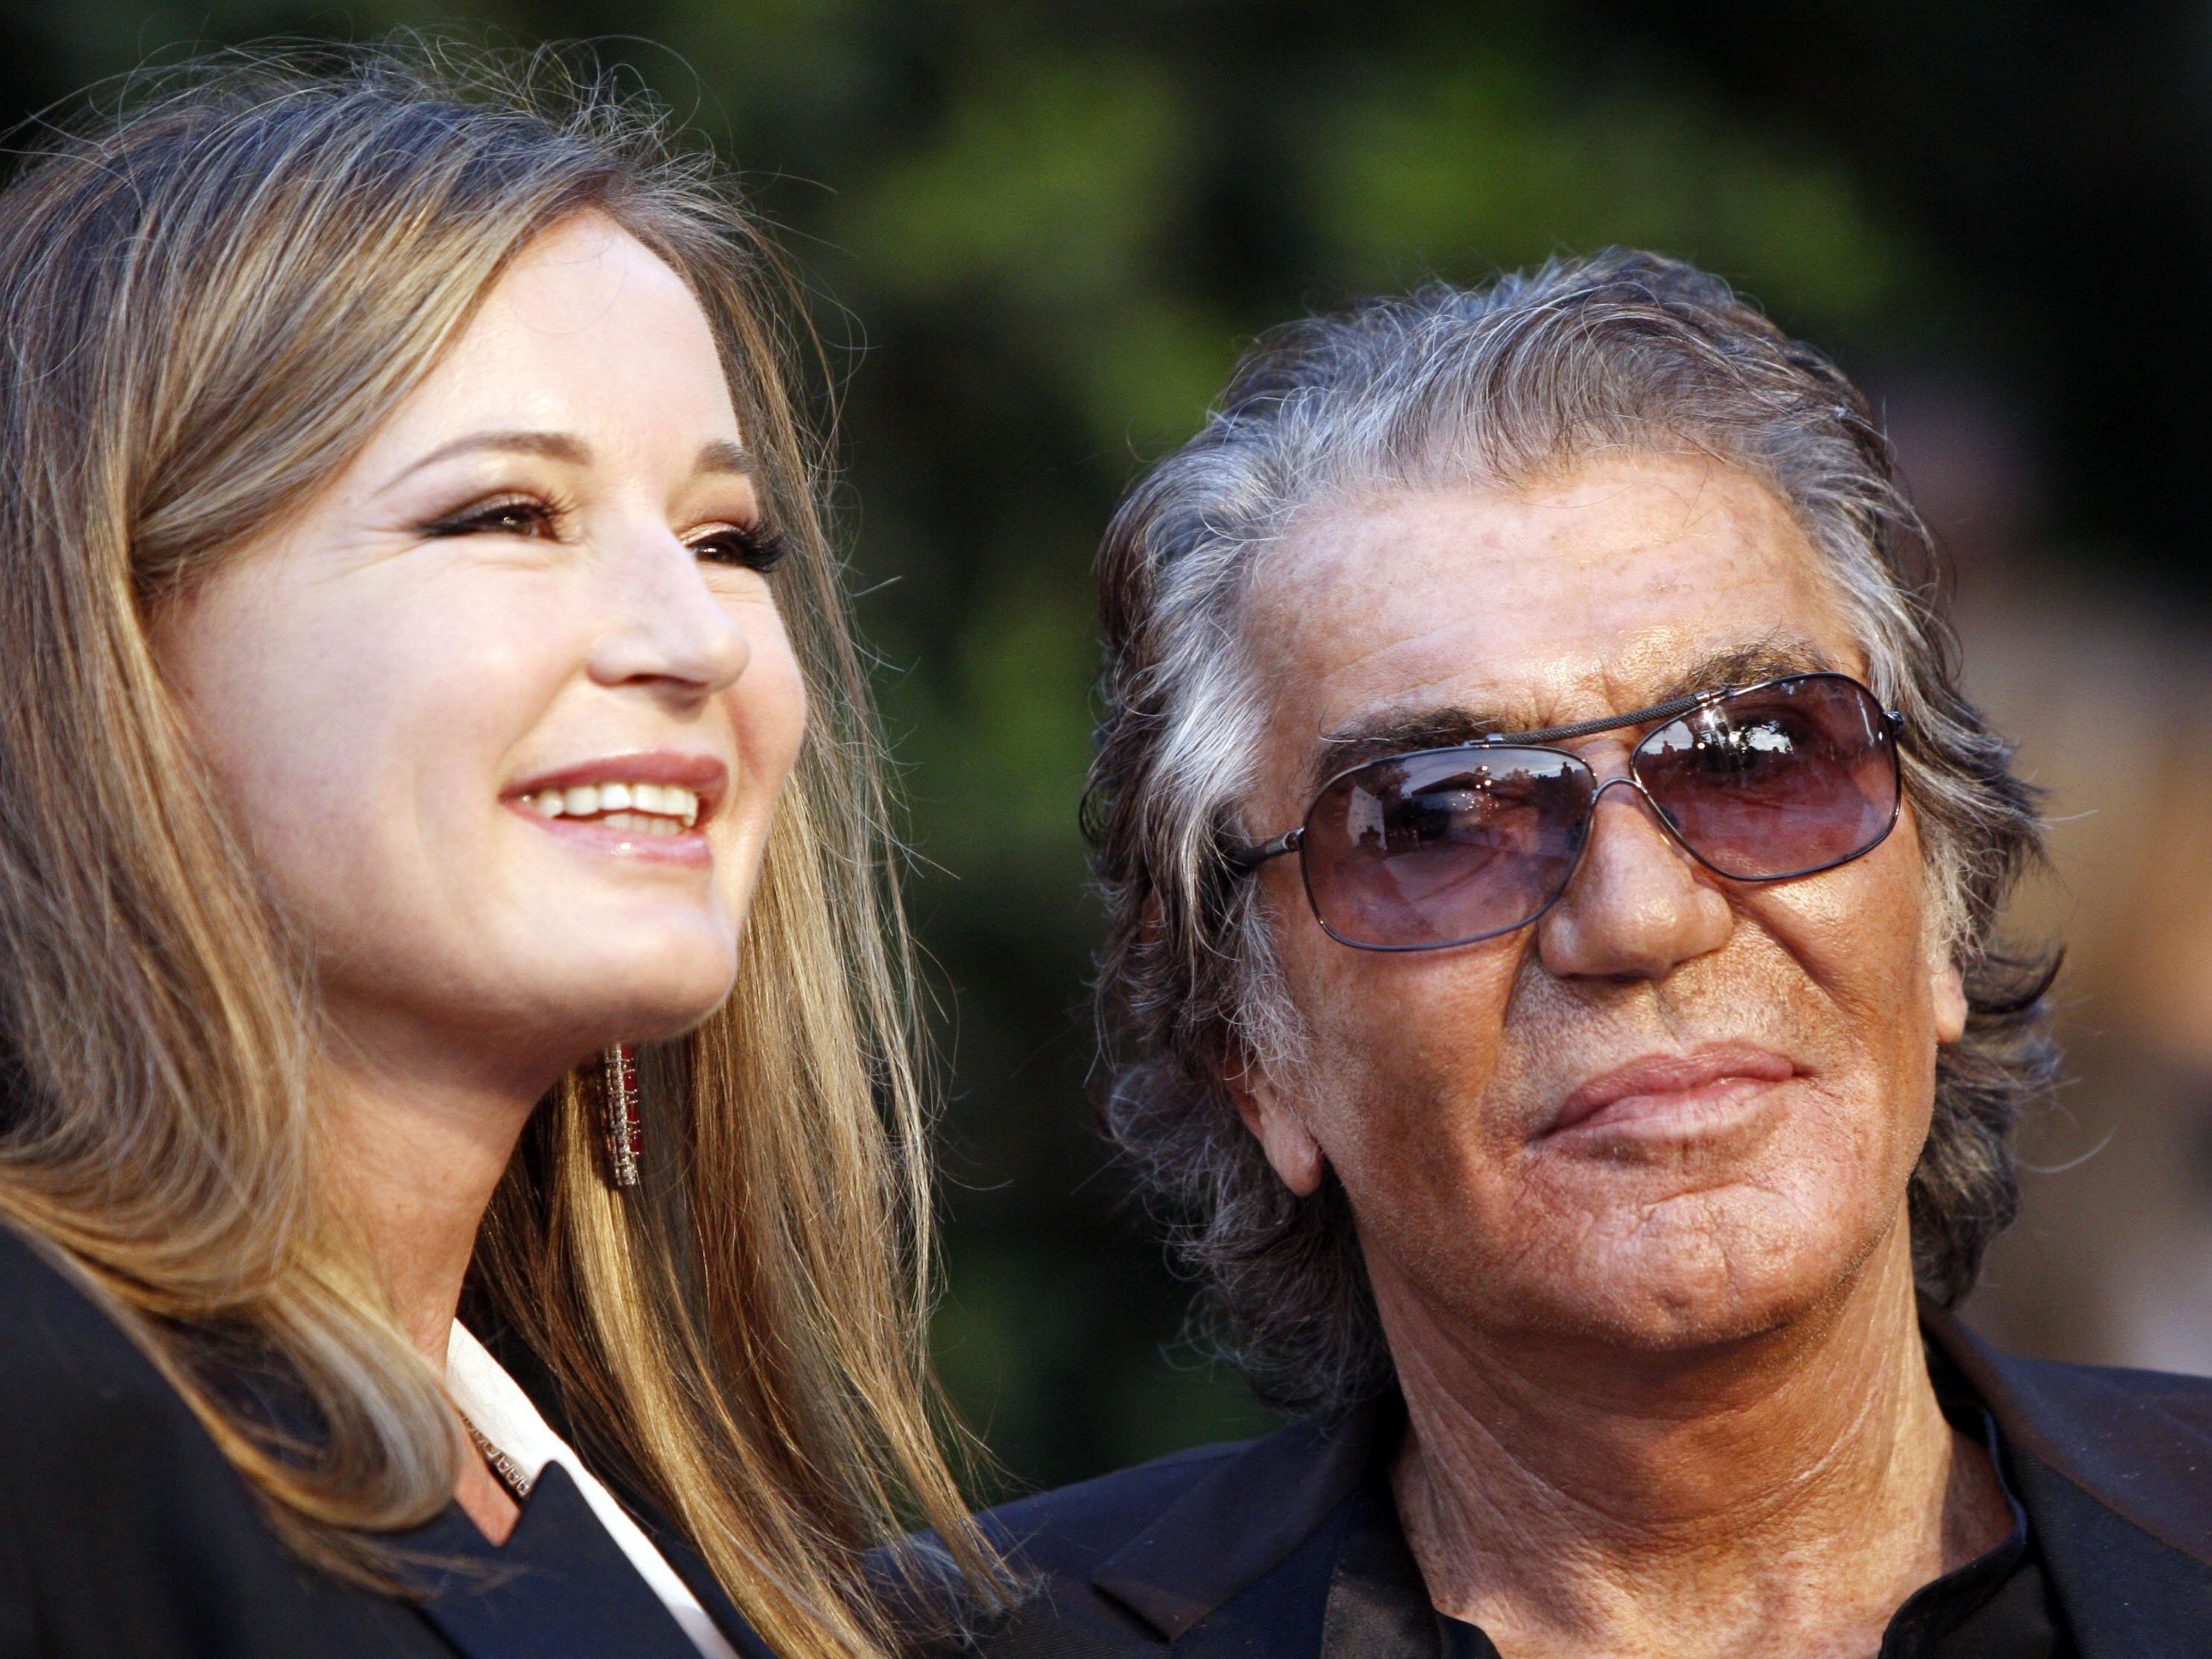 Roberto und Eva Cavalli führen gemeinsam das millionenschwere Cavalli-Modeimperium.